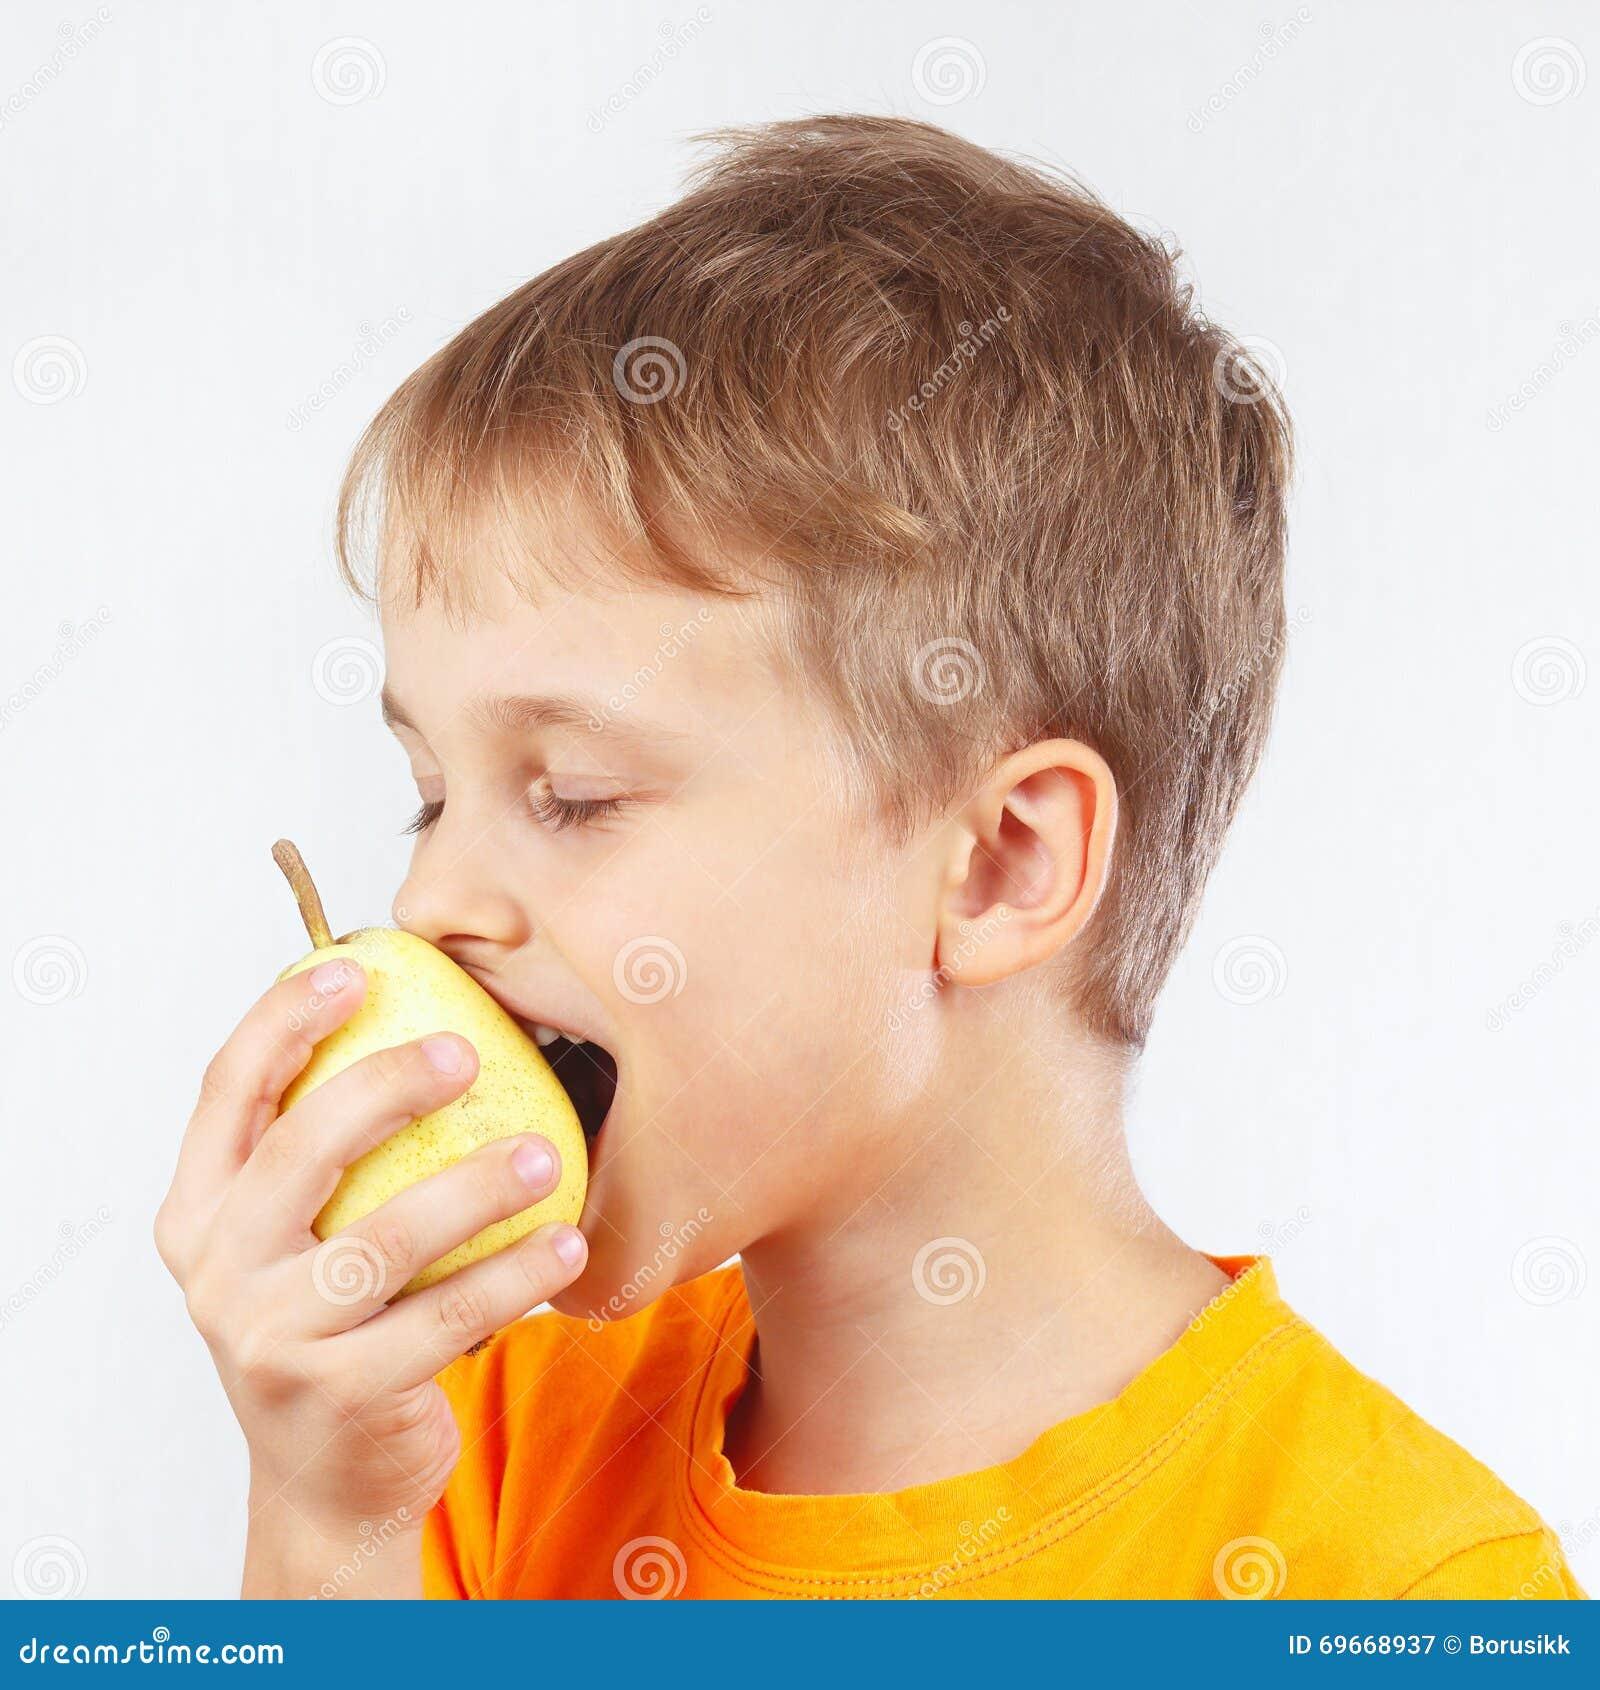 Фото зрелая и молодой мальчик фото 297-791